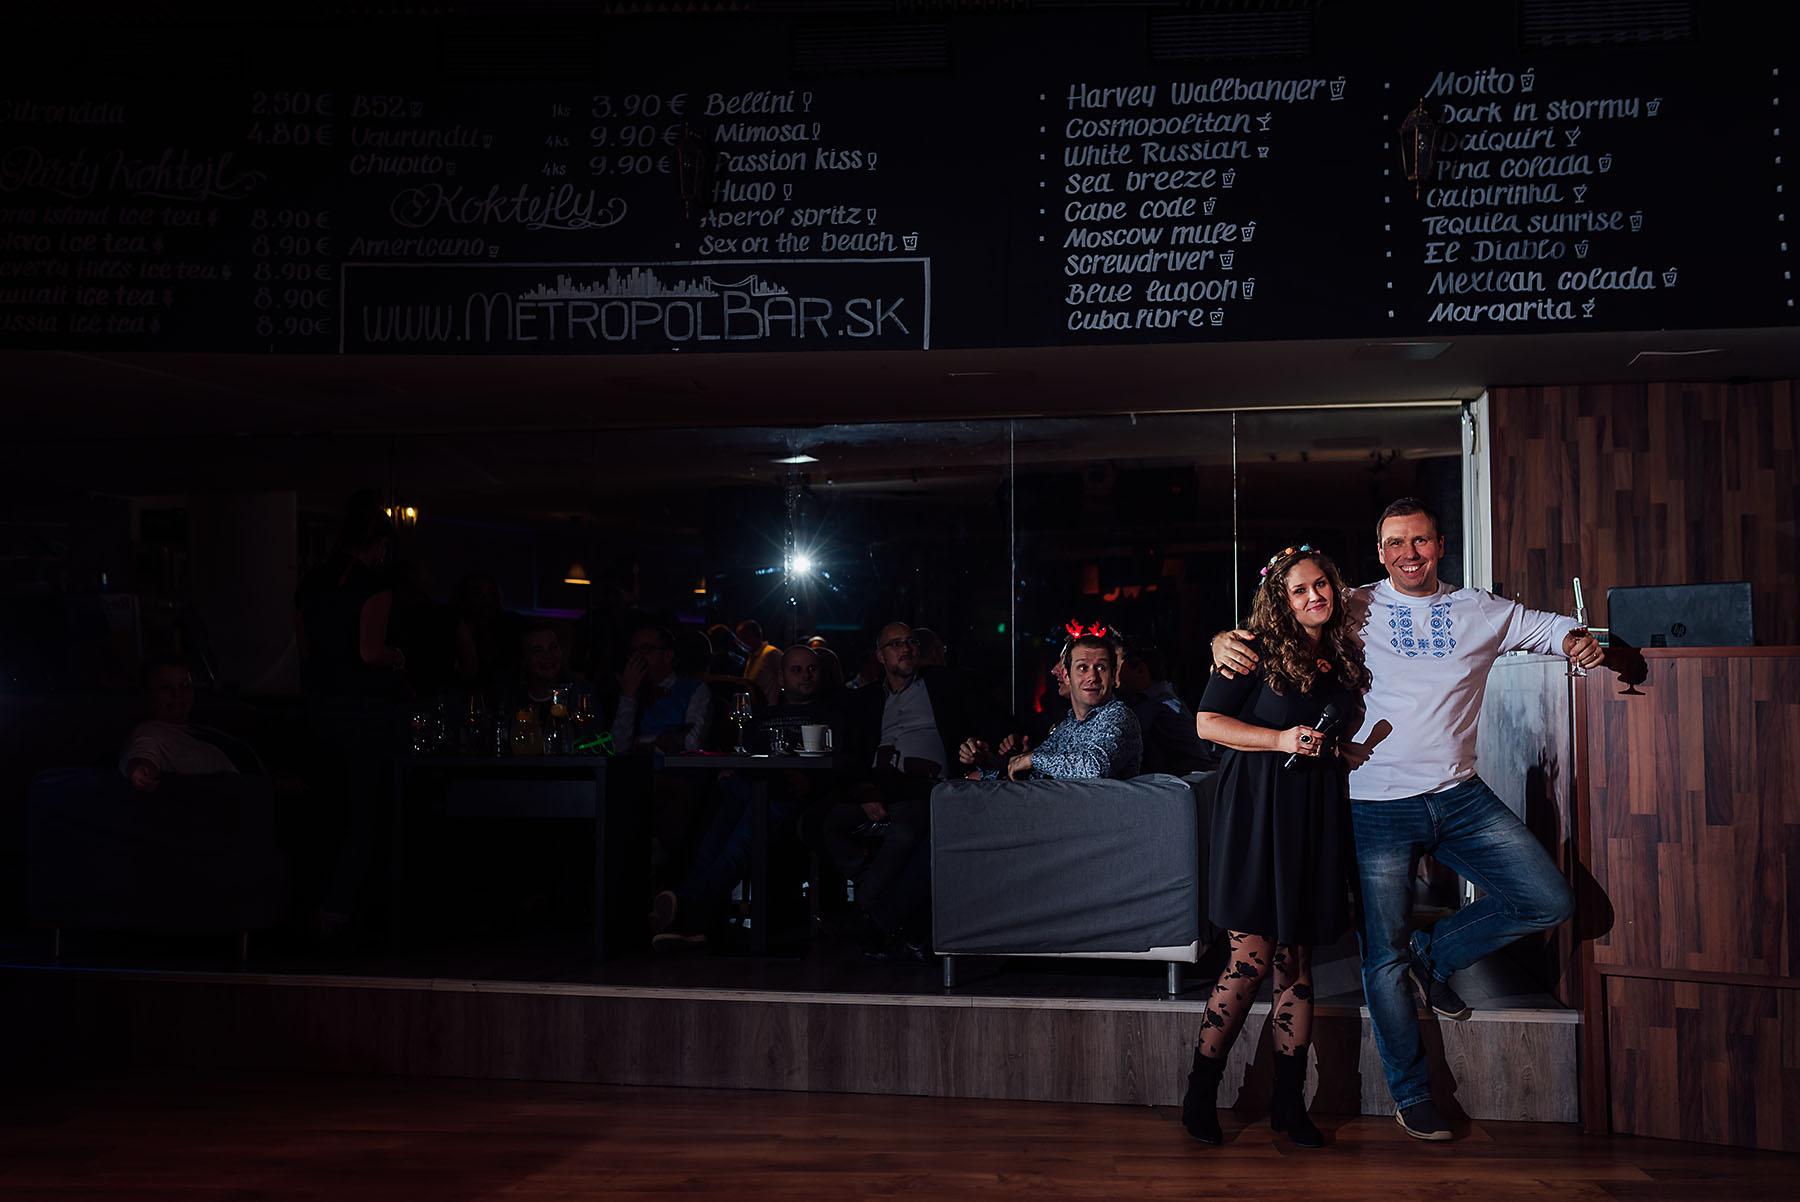 Vianočný večierok v Metropol bare, Bratislava - vianoce, bratislava, bar - eventovy fotograf